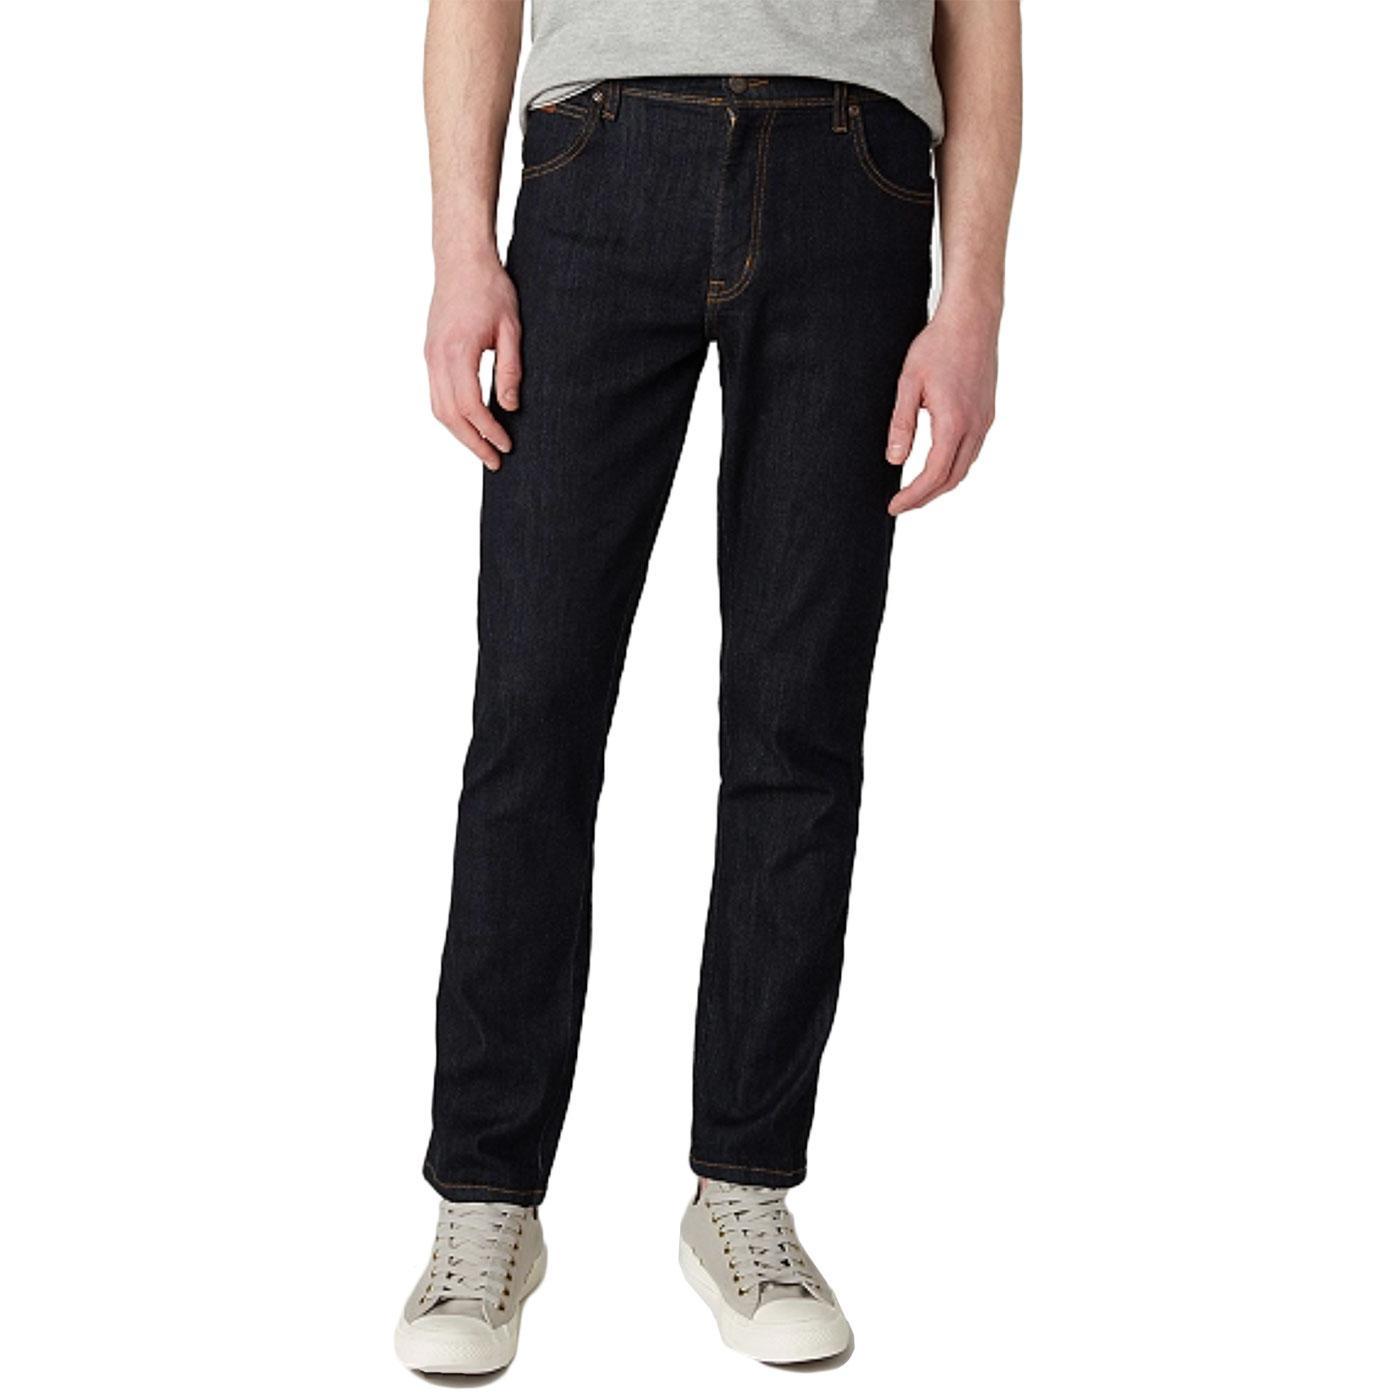 Texas Slim WRANGLER Retro Denim jeans (Dark Rinse)